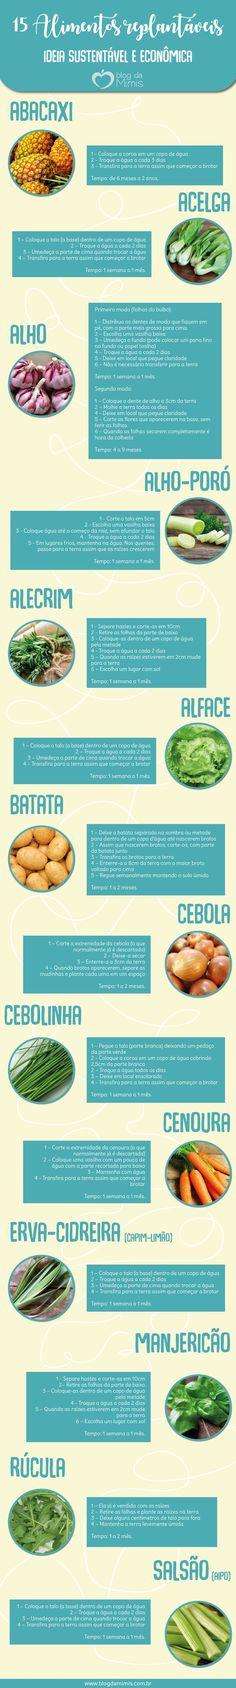 15 Alimentos replantáveis: ideia sustentável e econômica - Blog da Mimis #replantáveis #alimentos #plantas #frutas #verduras #temperos #economia #dieta